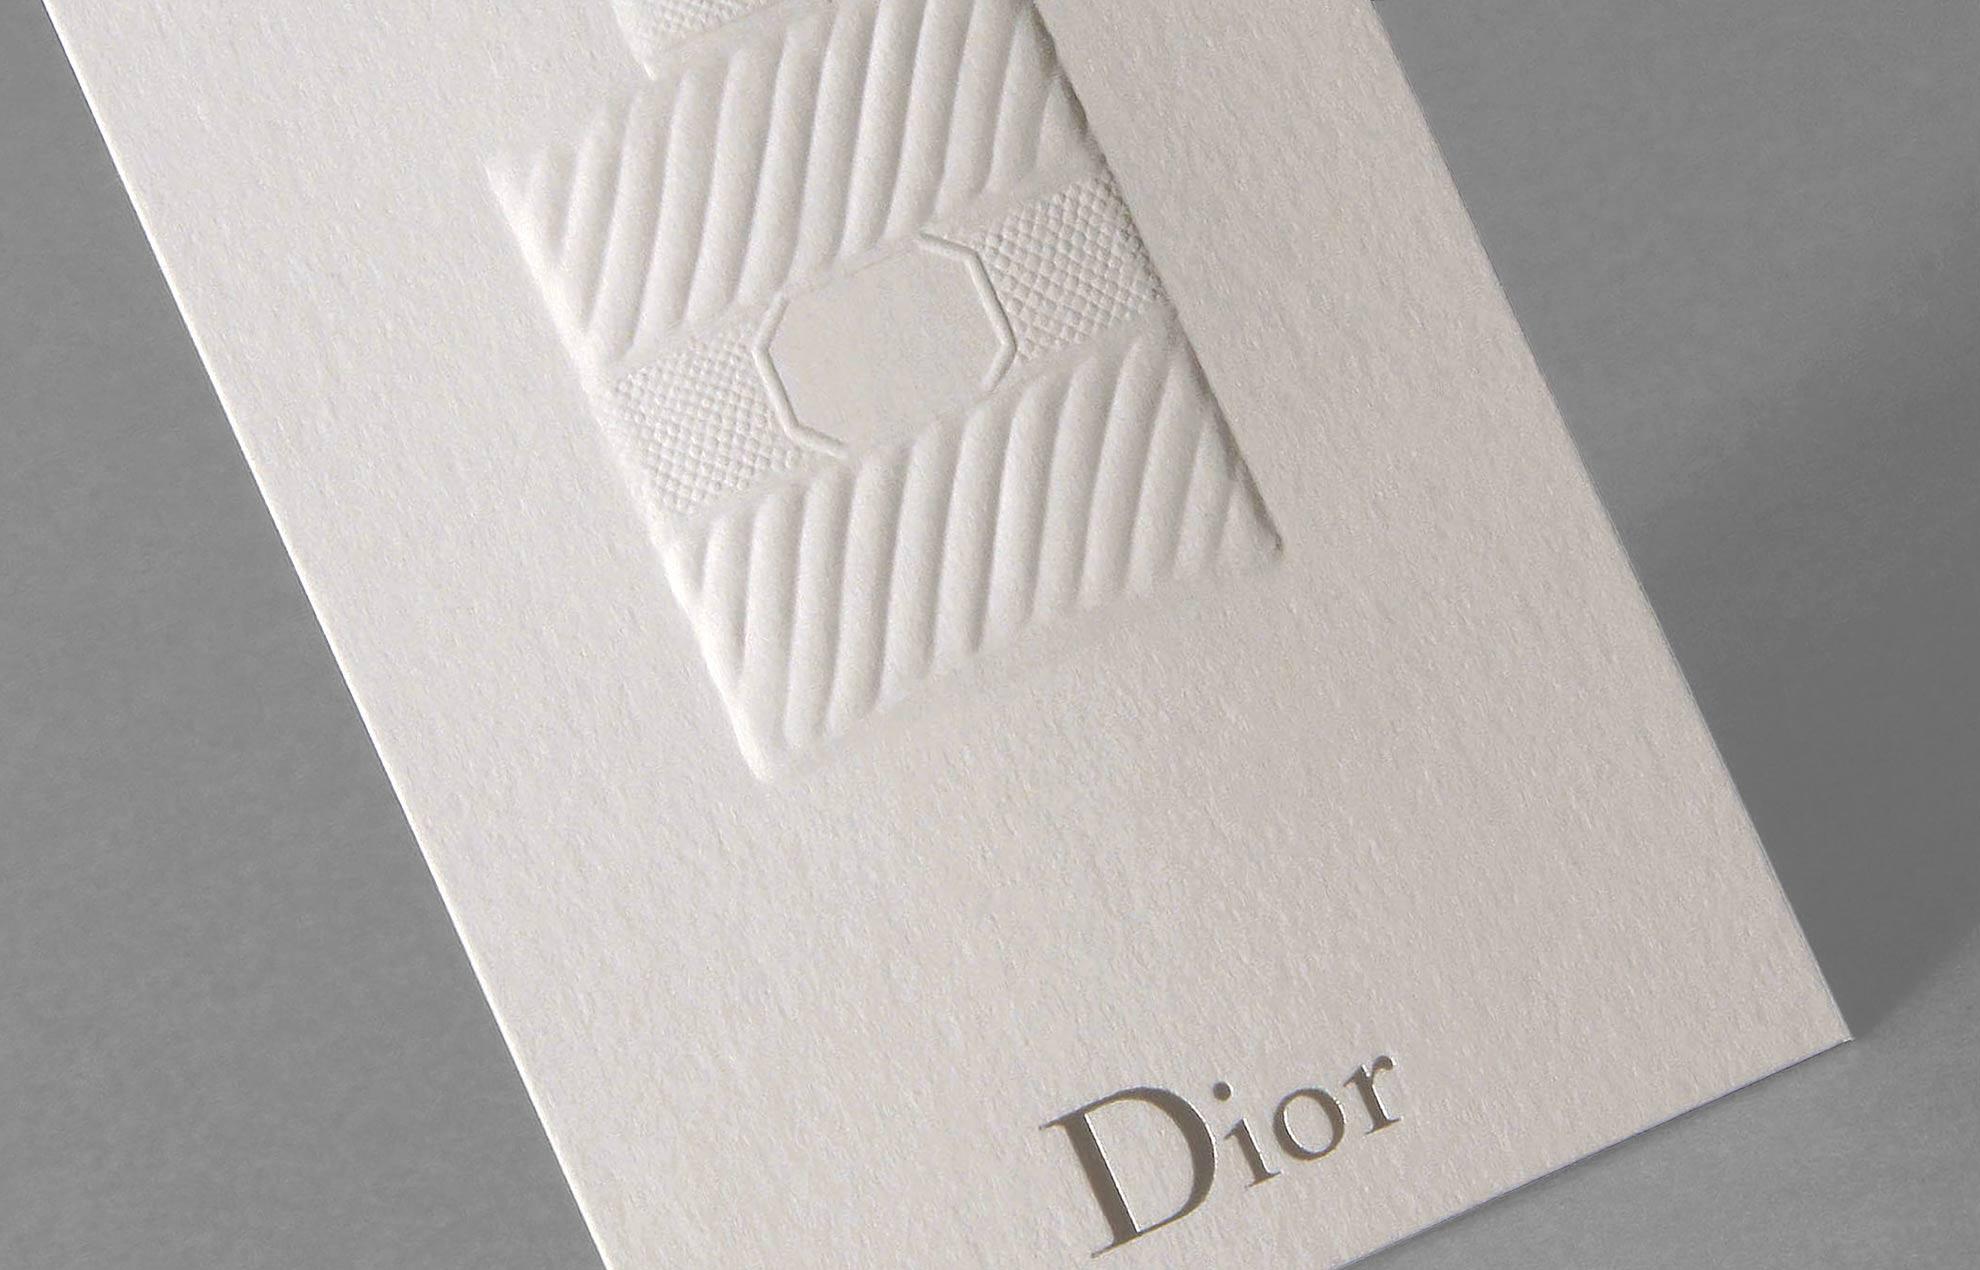 dior-parfums-2